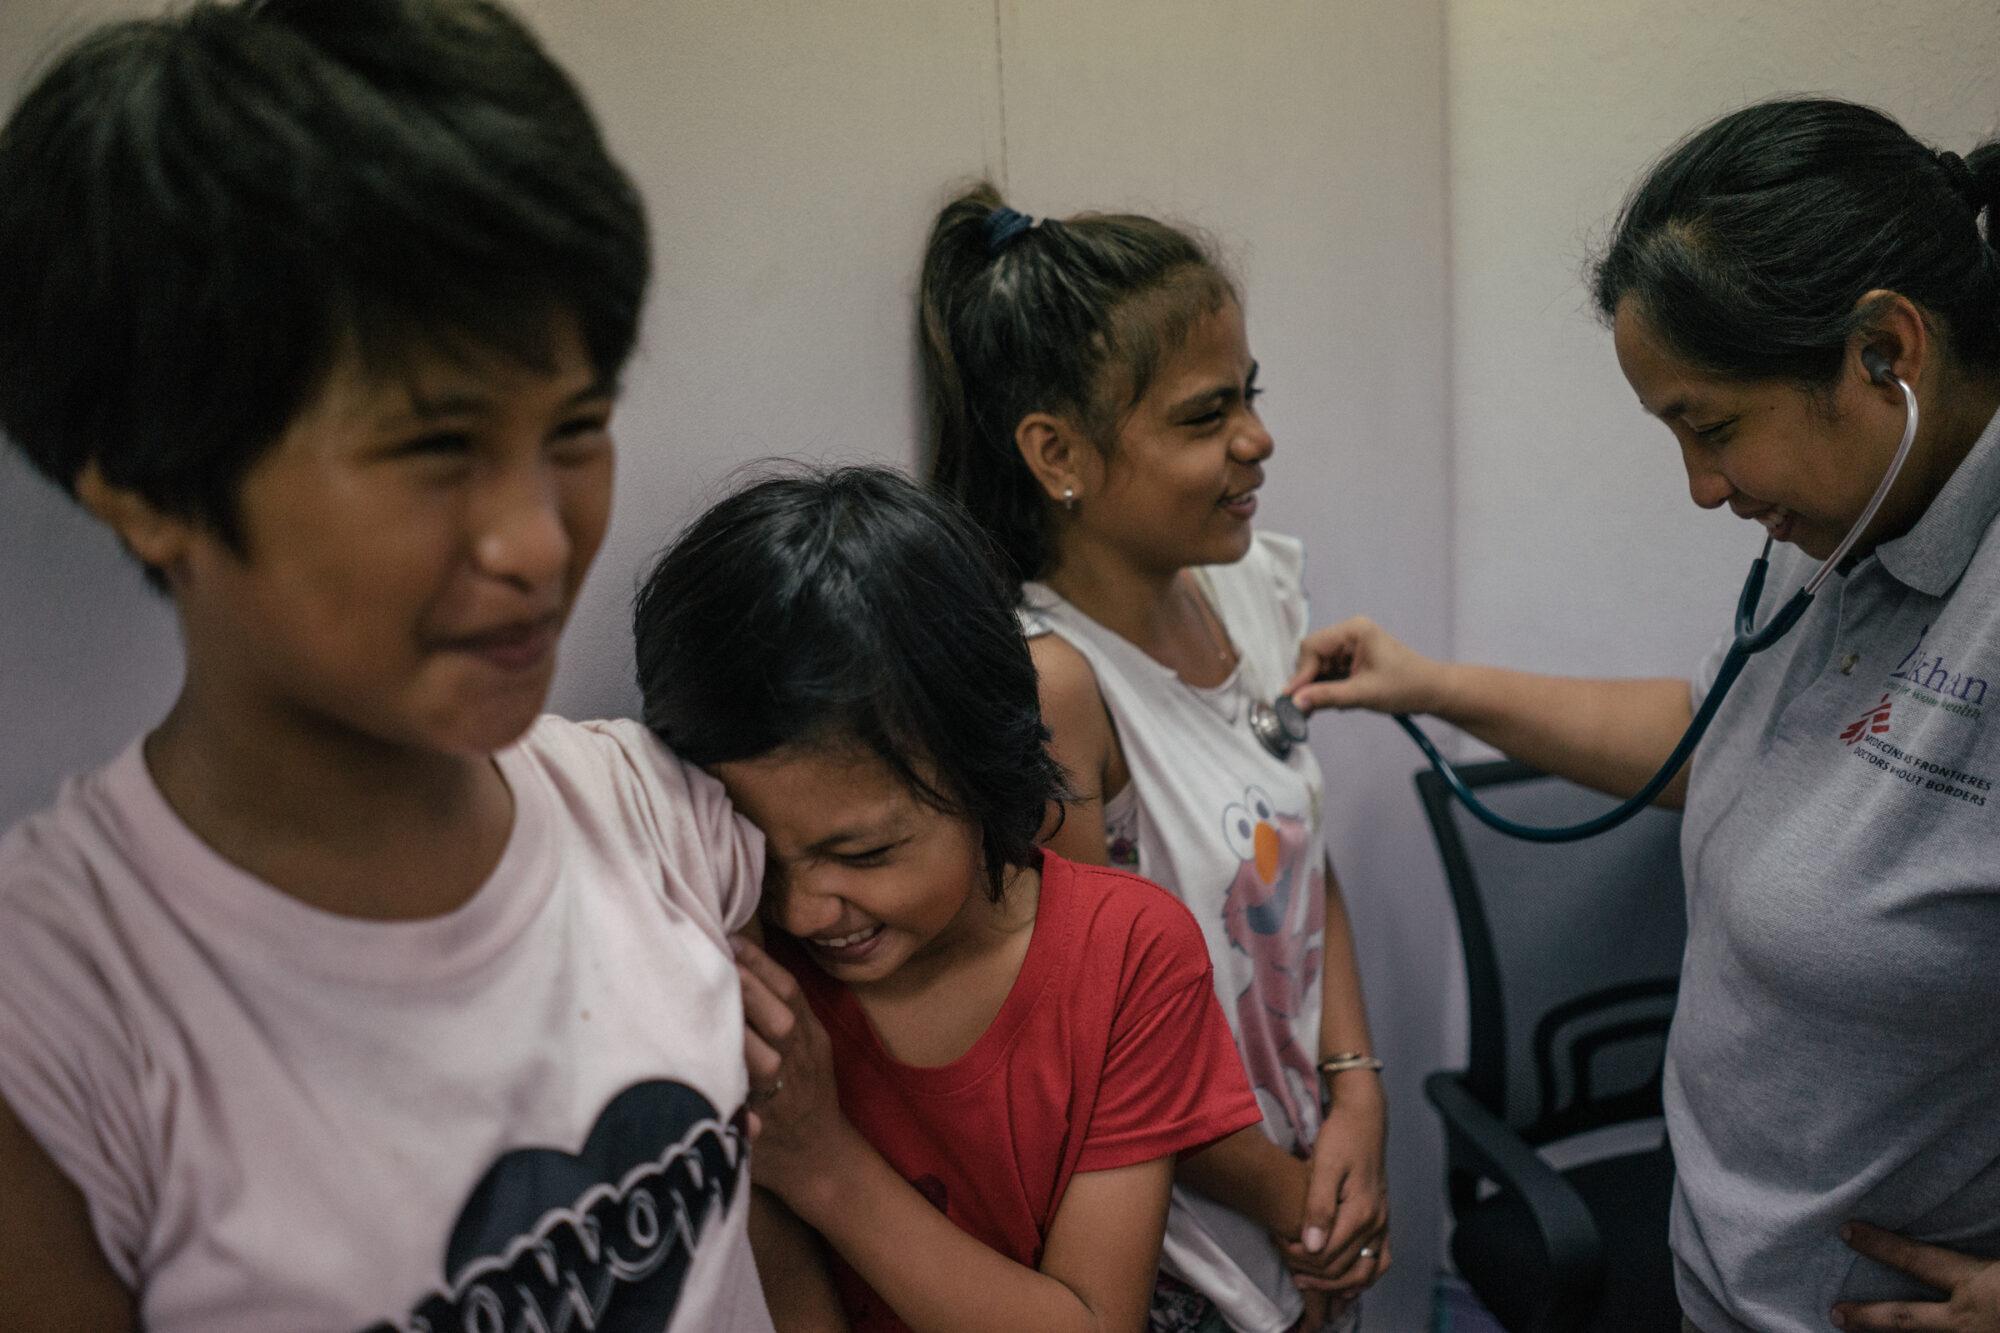 Tytöt nauravat odottaessaan pääsyä hpv-rokotukseen. Yhden rintaa kuunnellaan stetoskoopilla.